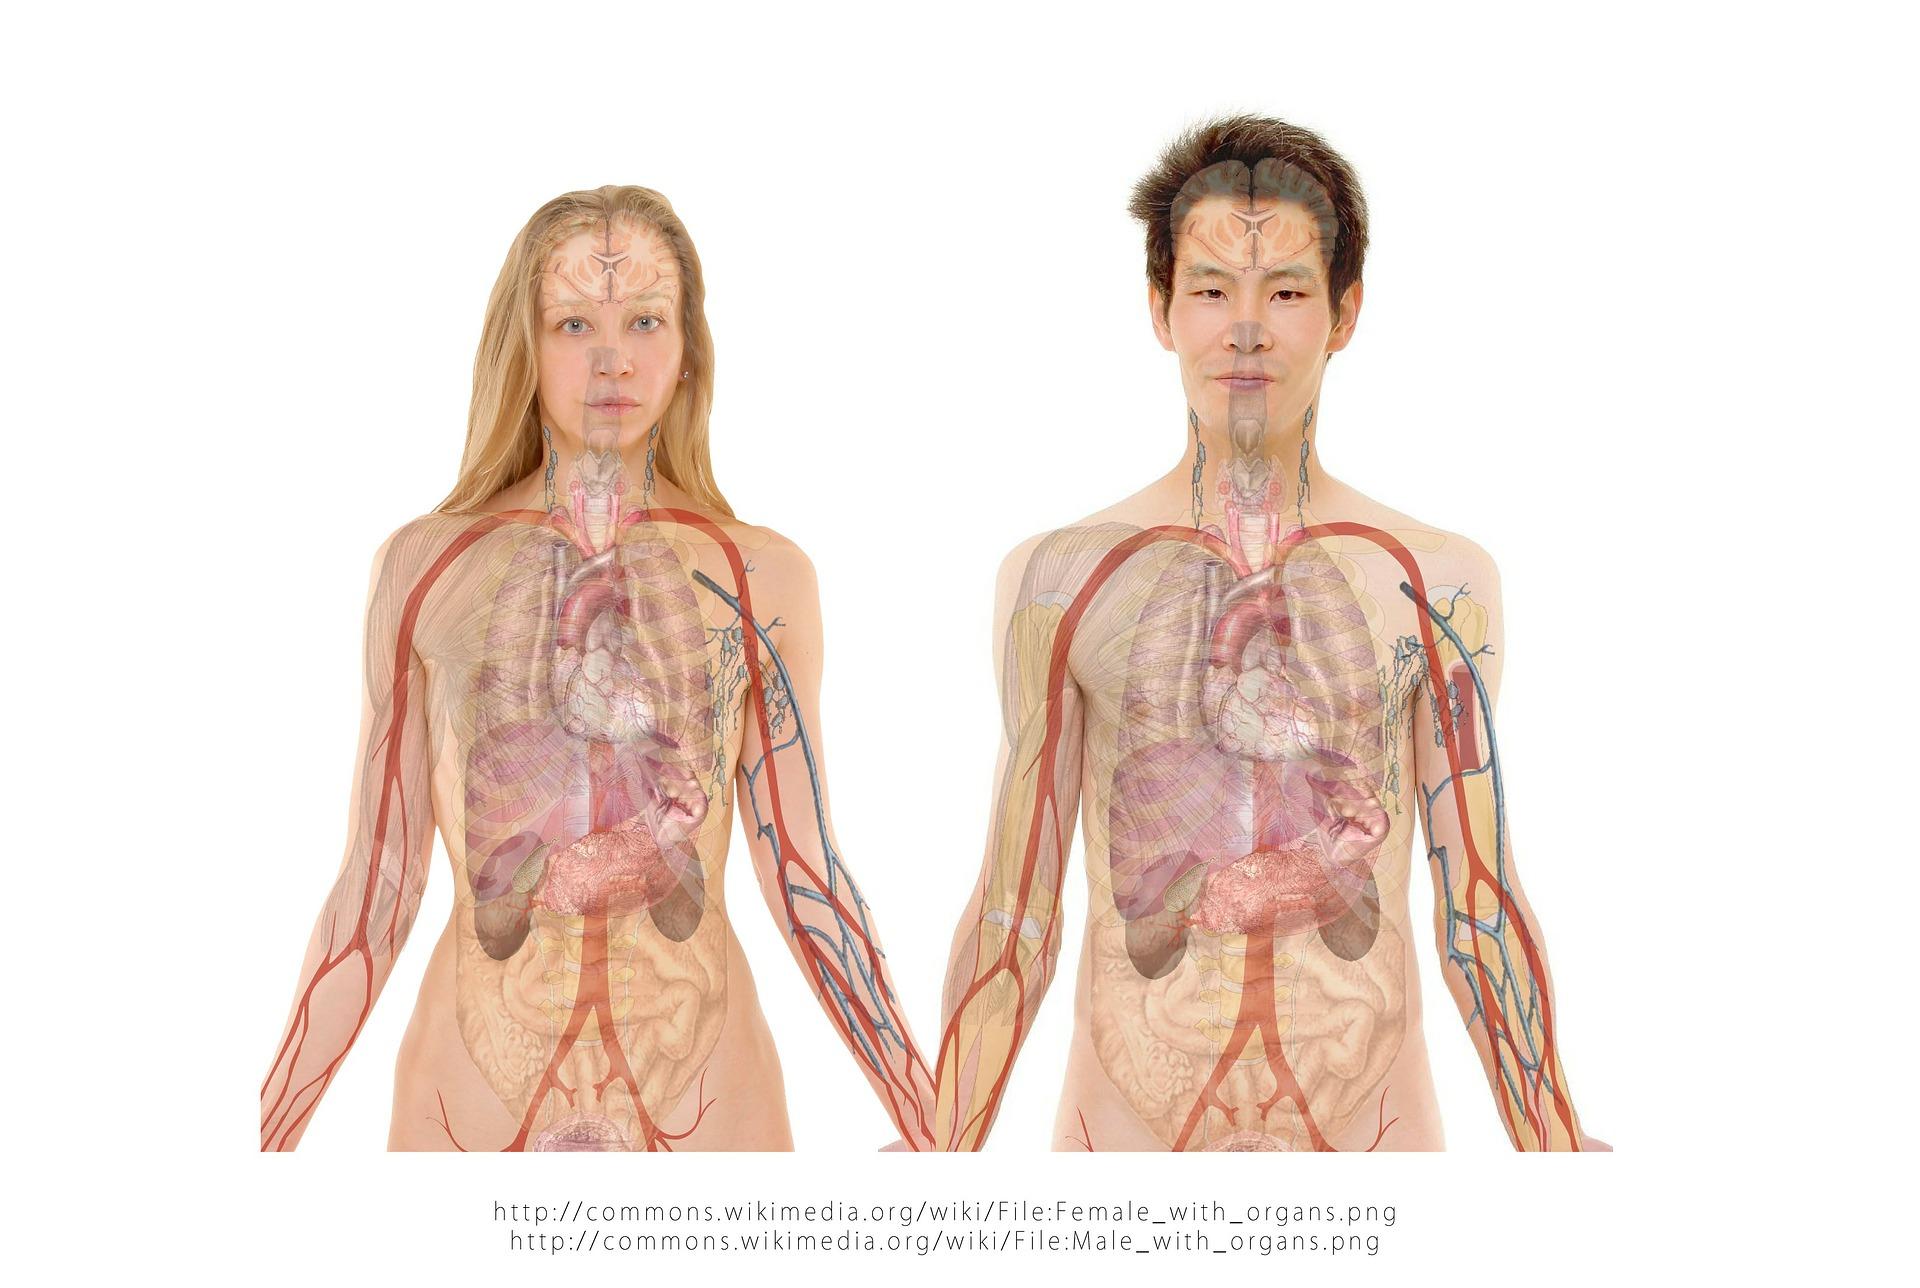 anatomia_no_ffi.jpg